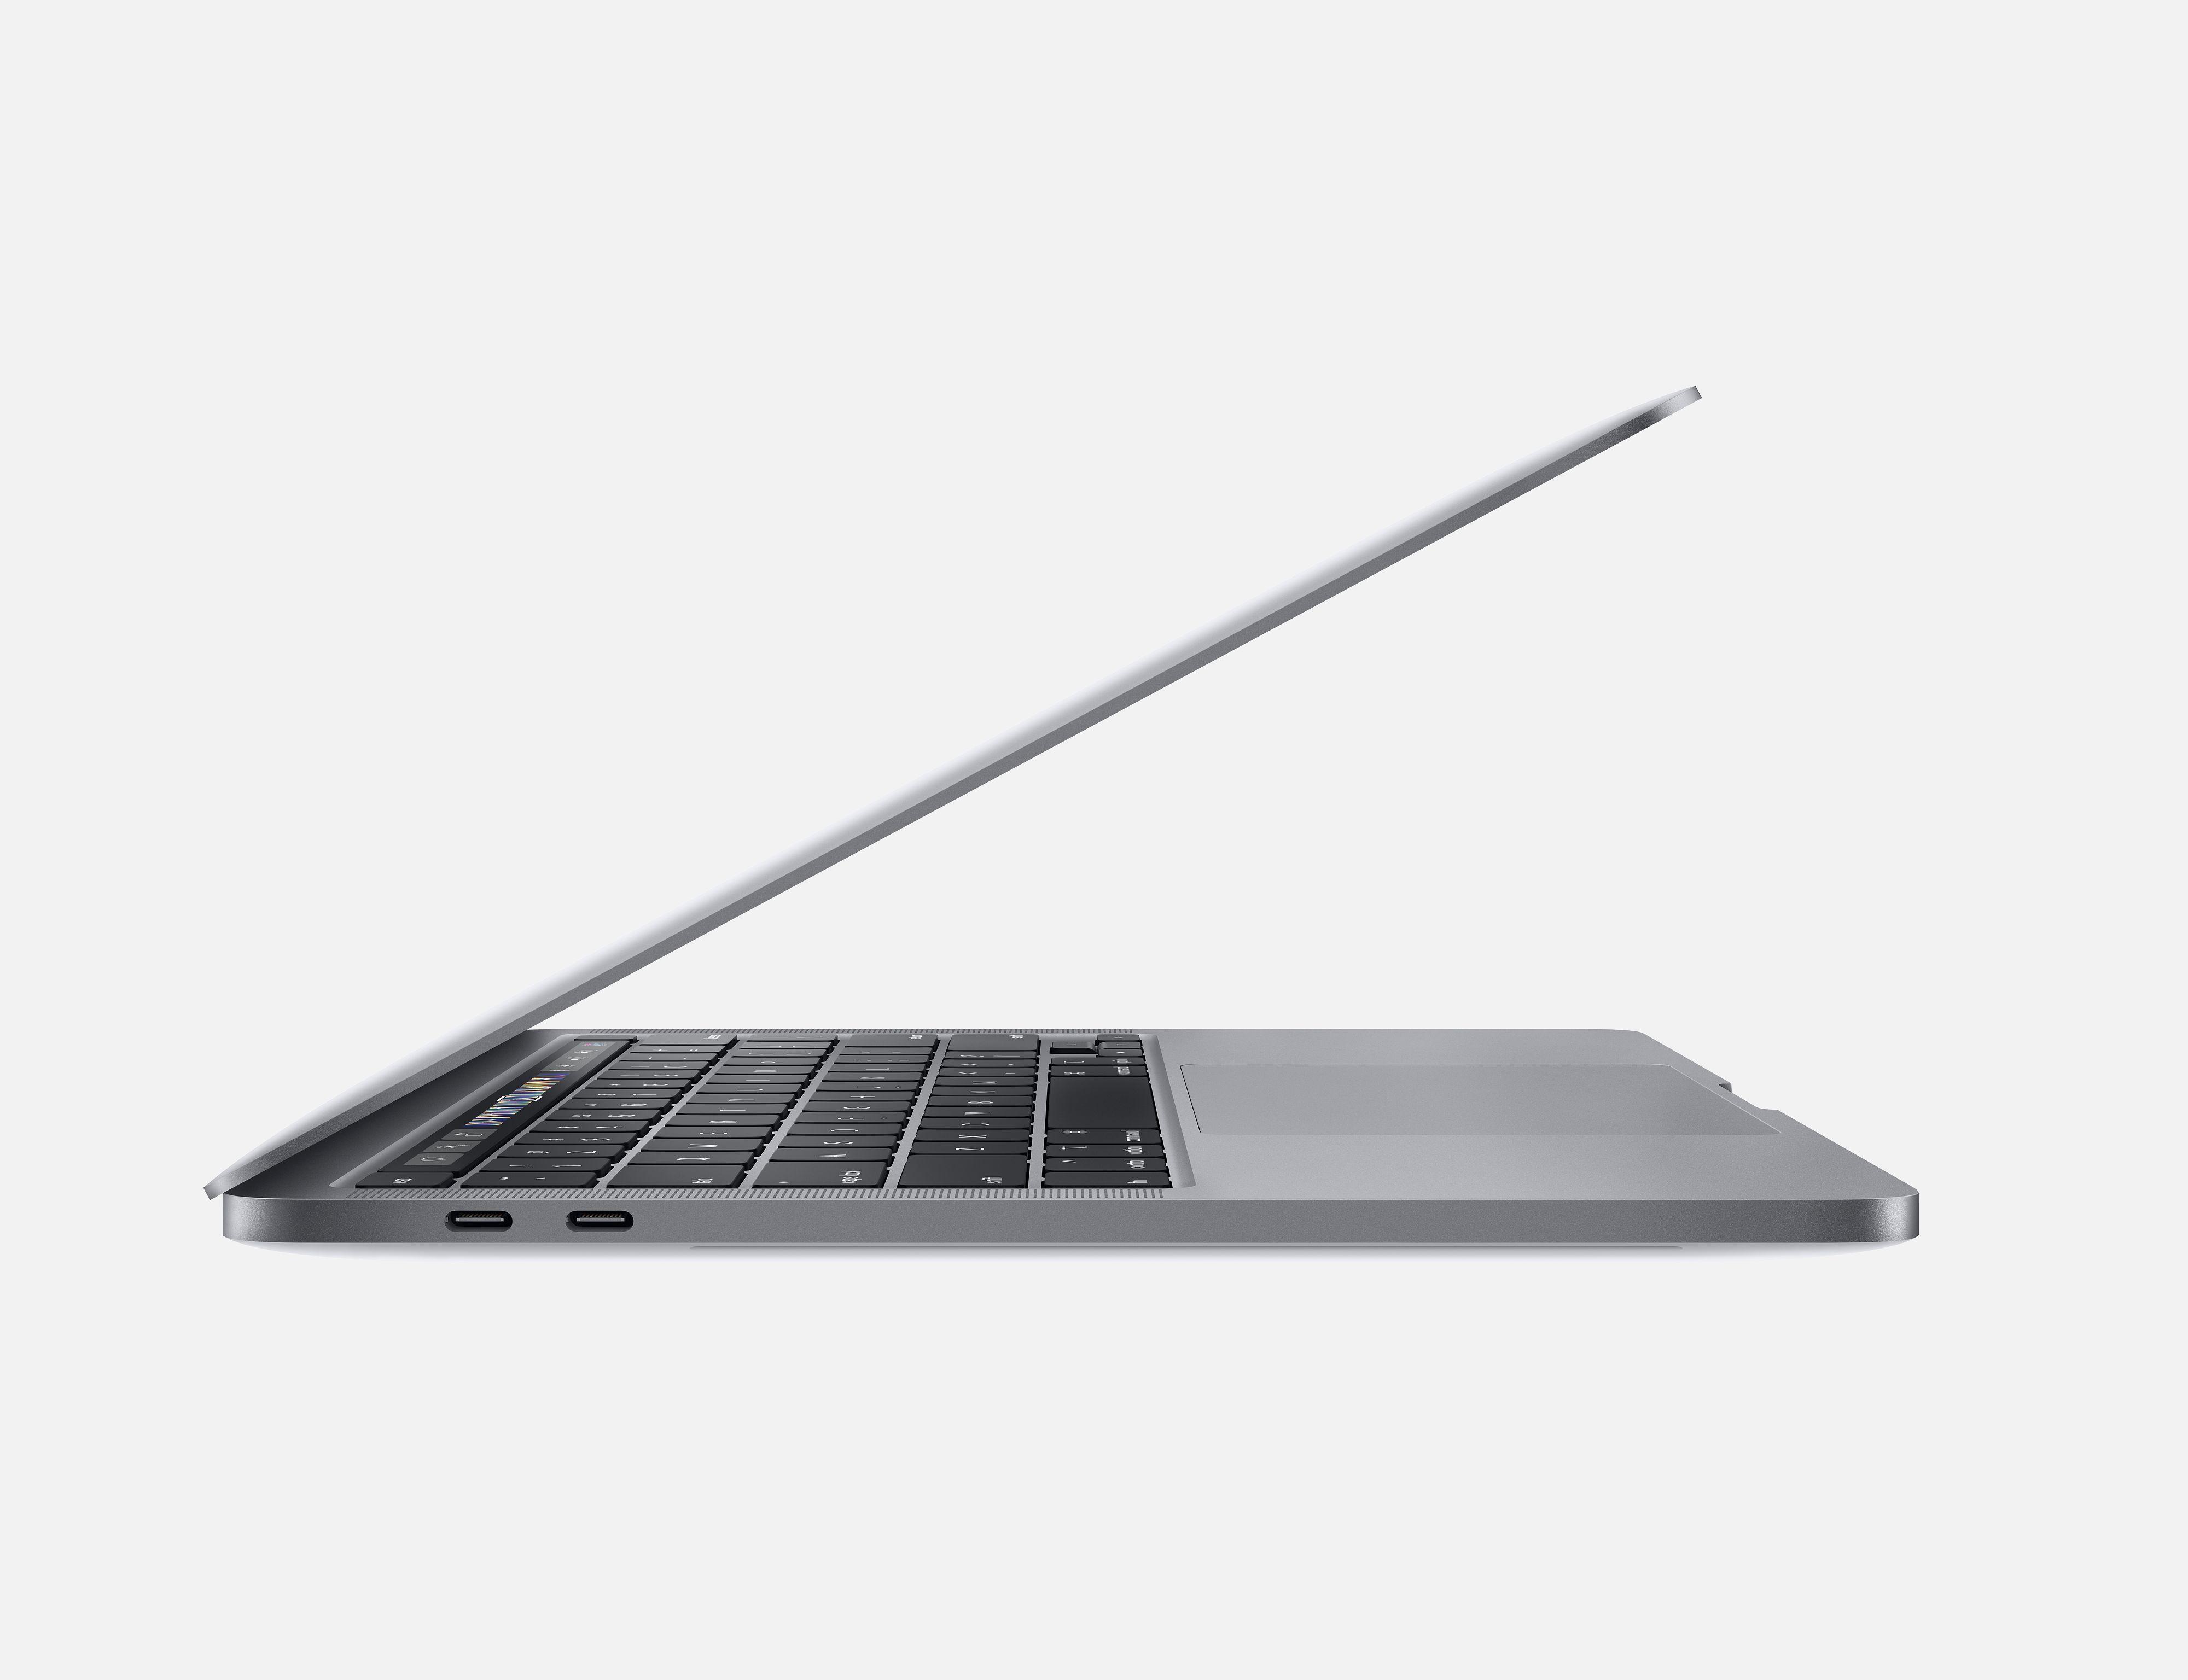 13 Inch Macbook Pro Space Gray Apple In 2020 Macbook Pro Space Grey Buy Macbook Macbook Pro